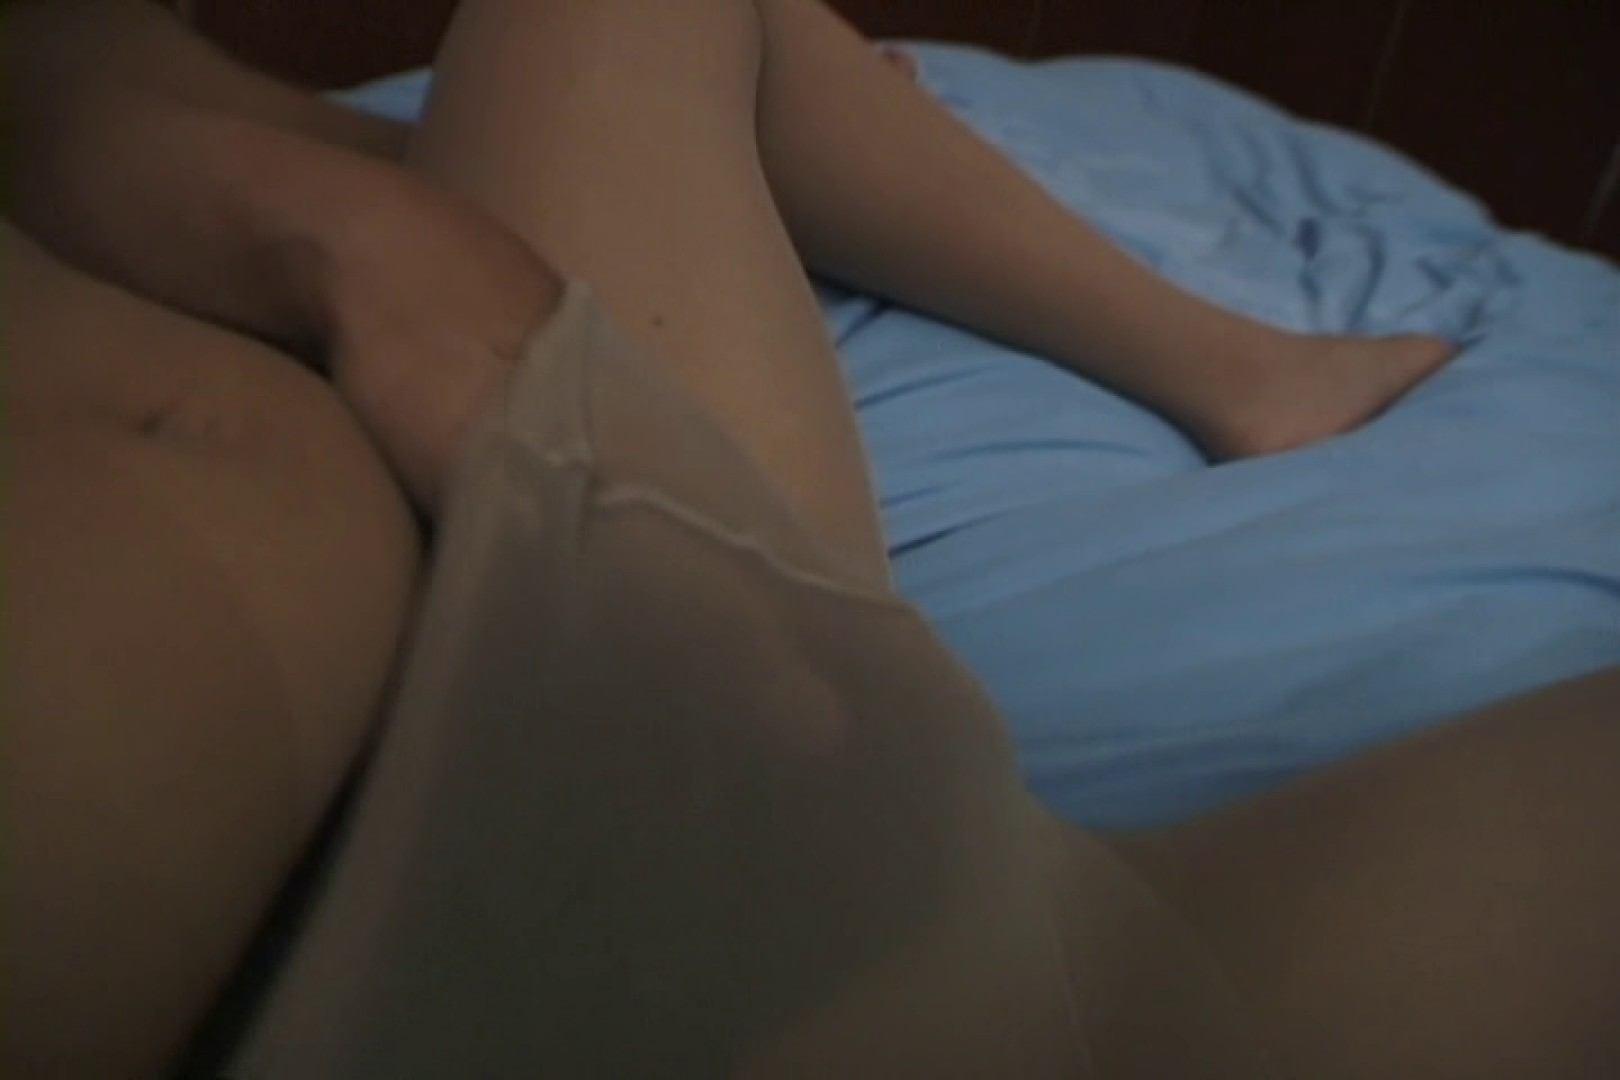 旦那との愛よりも、愛人とのSEX~片瀬梨子~vol,1 フェラ | ロータープレイ  94連発 53